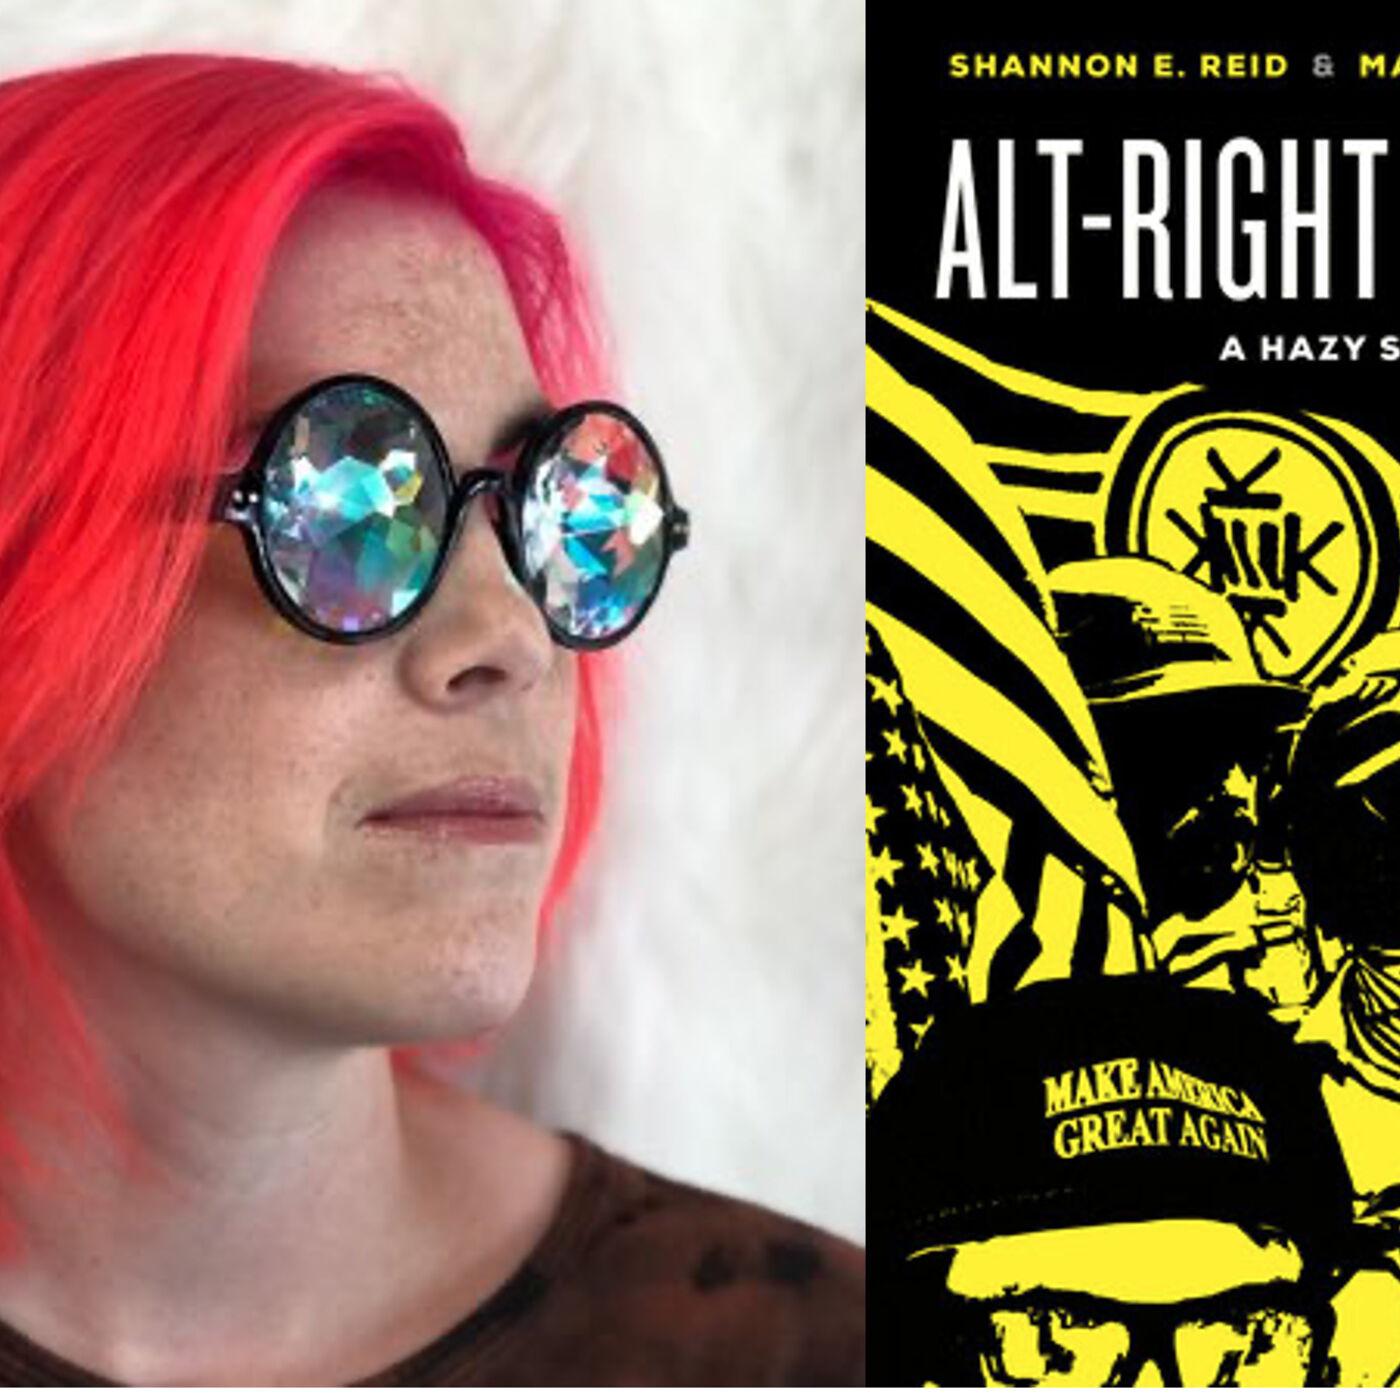 16. Shannon Reid on alt-right gangs in the US